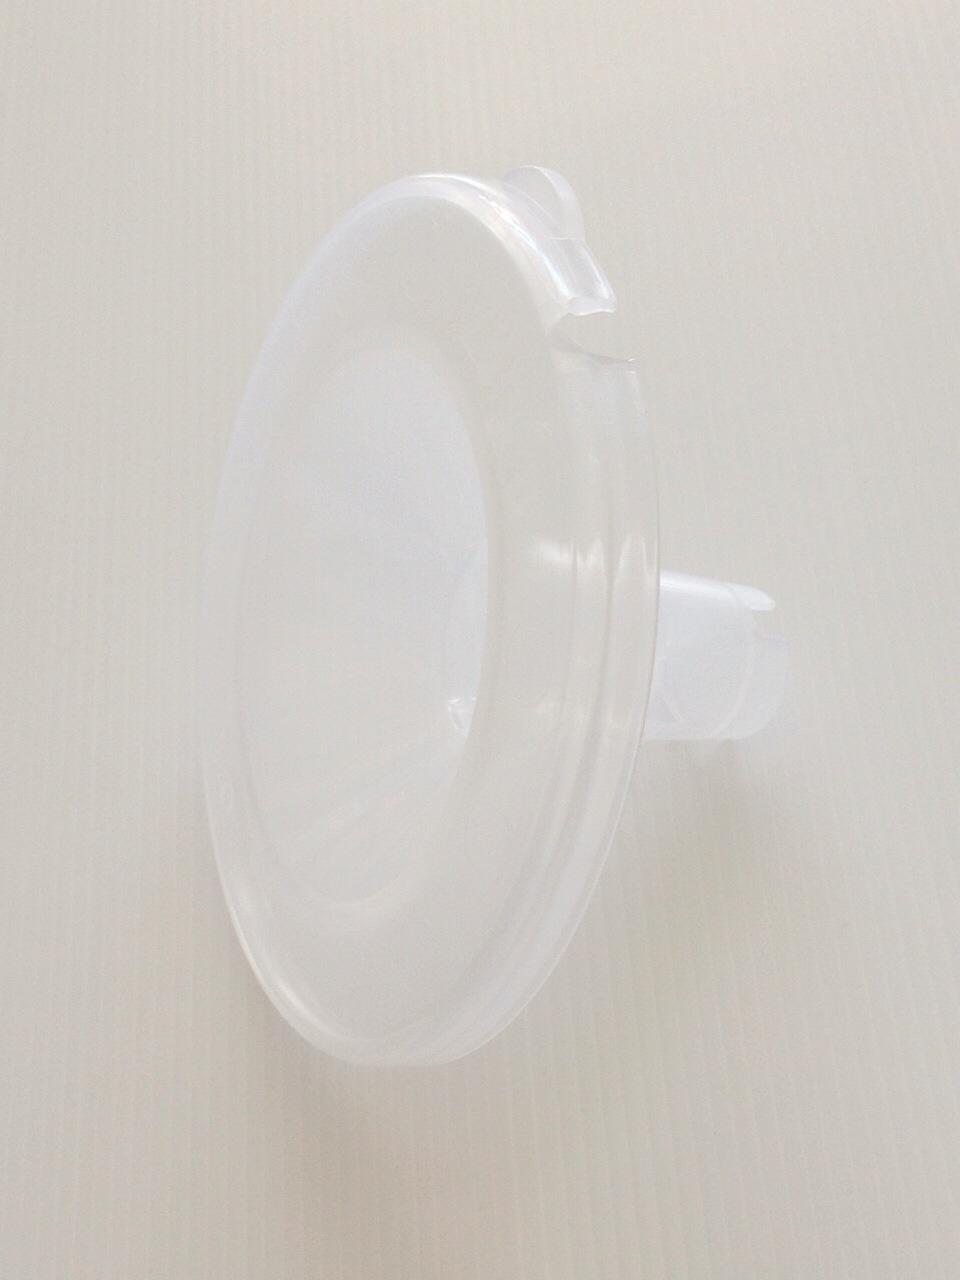 อะไหล่ กรวยปั๊มนม Freemie - Funnel 28 mm.